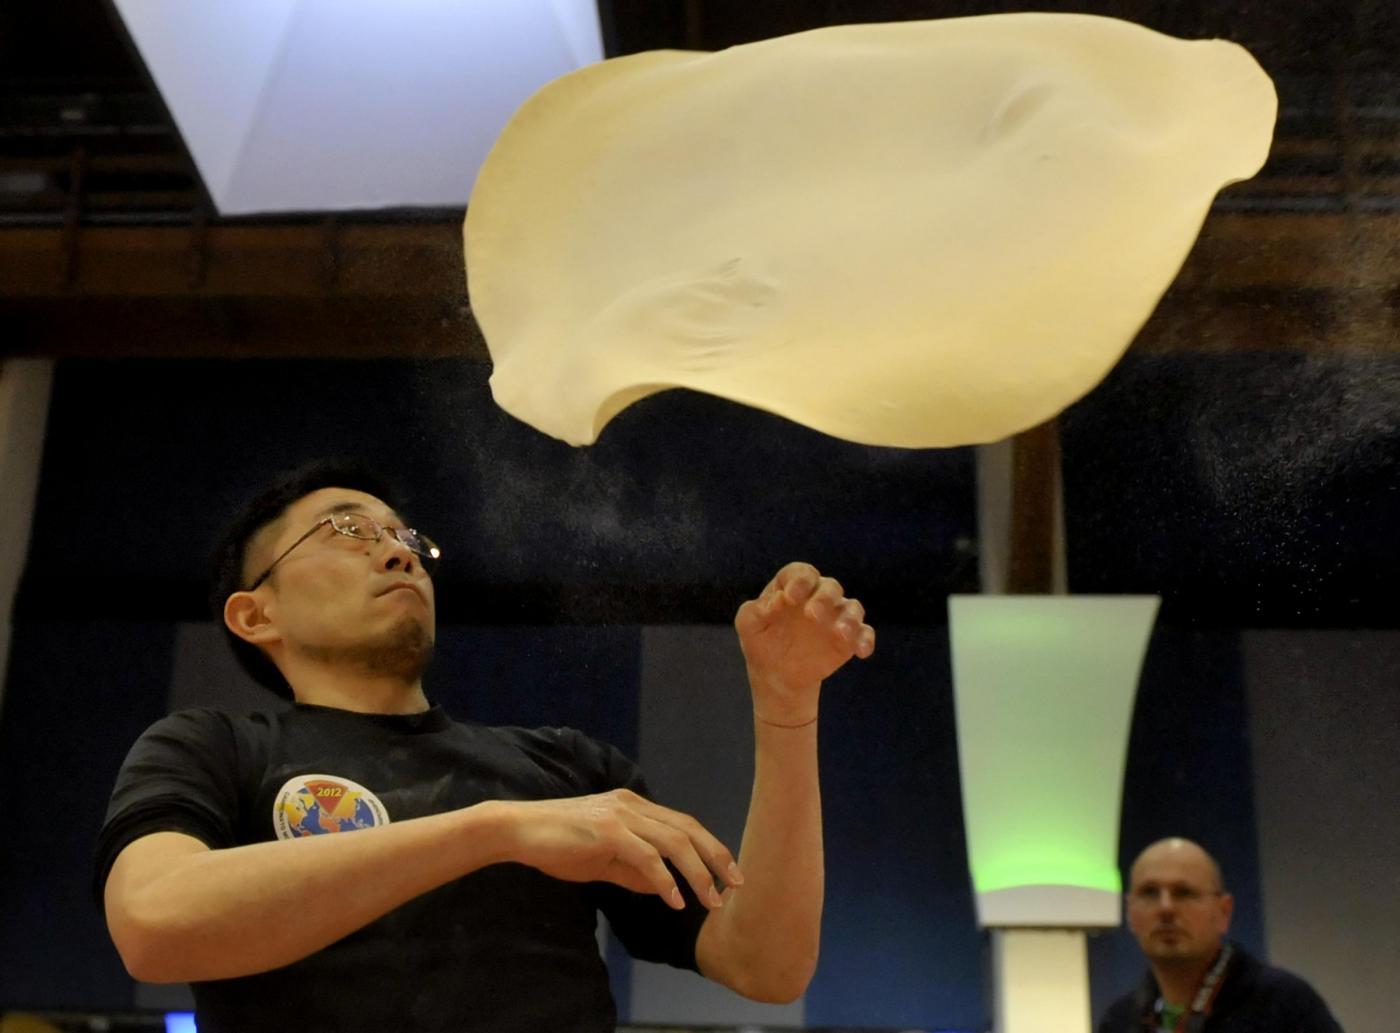 Campionato mondiale dei pizzaioli a Parma